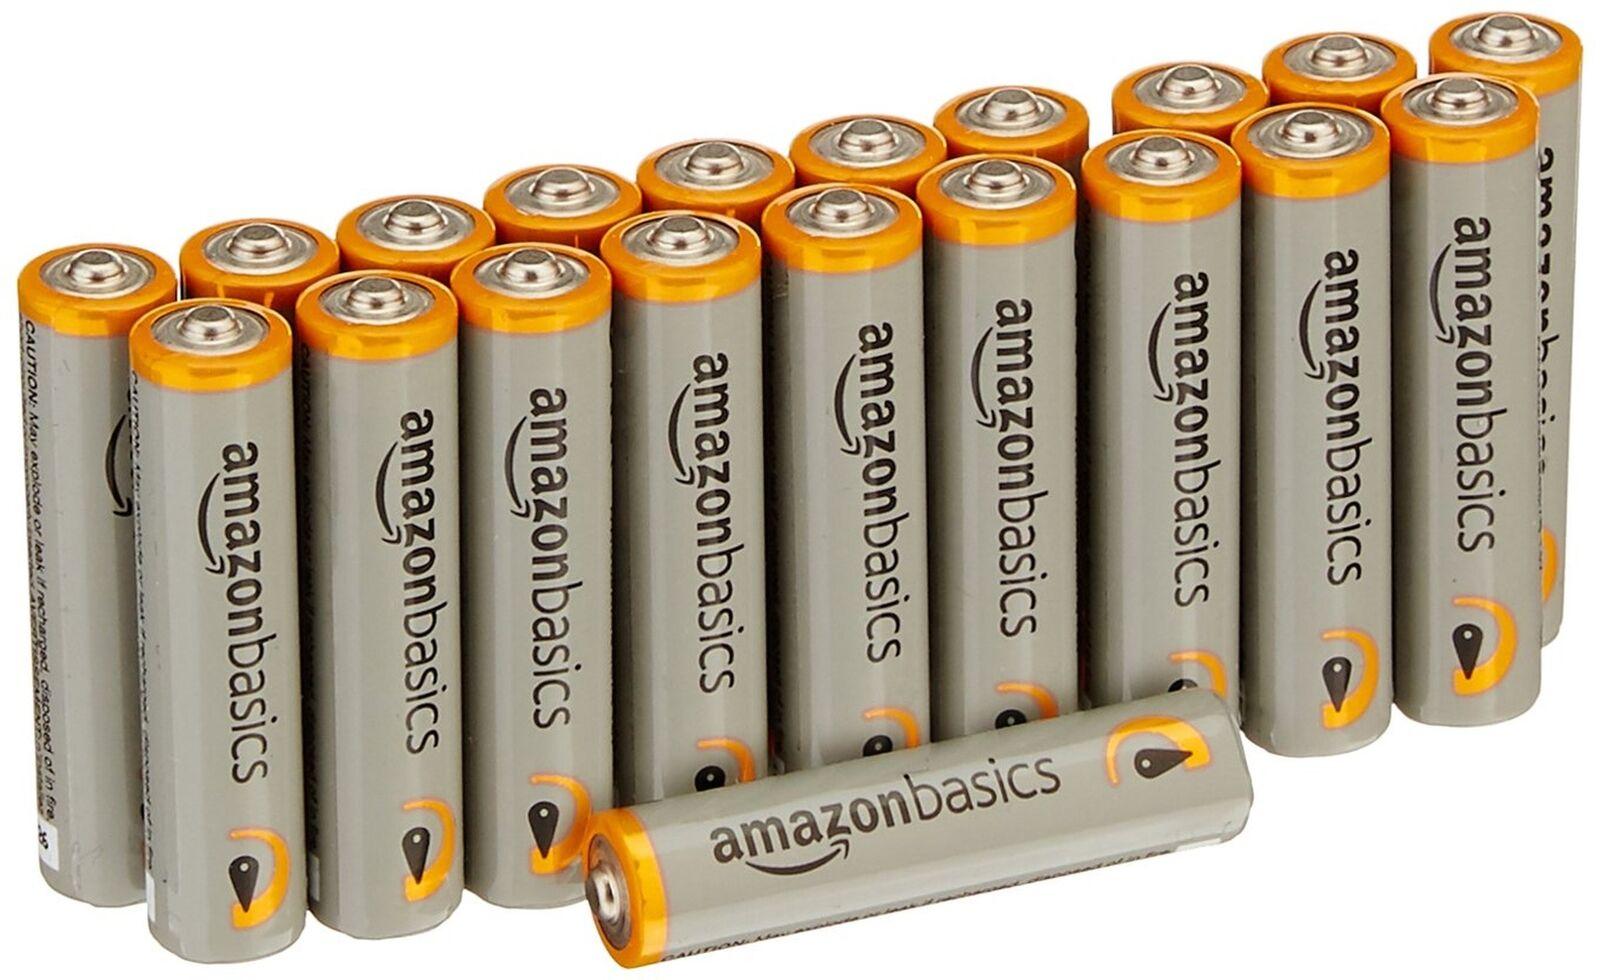 aaa batteries amazonbasics